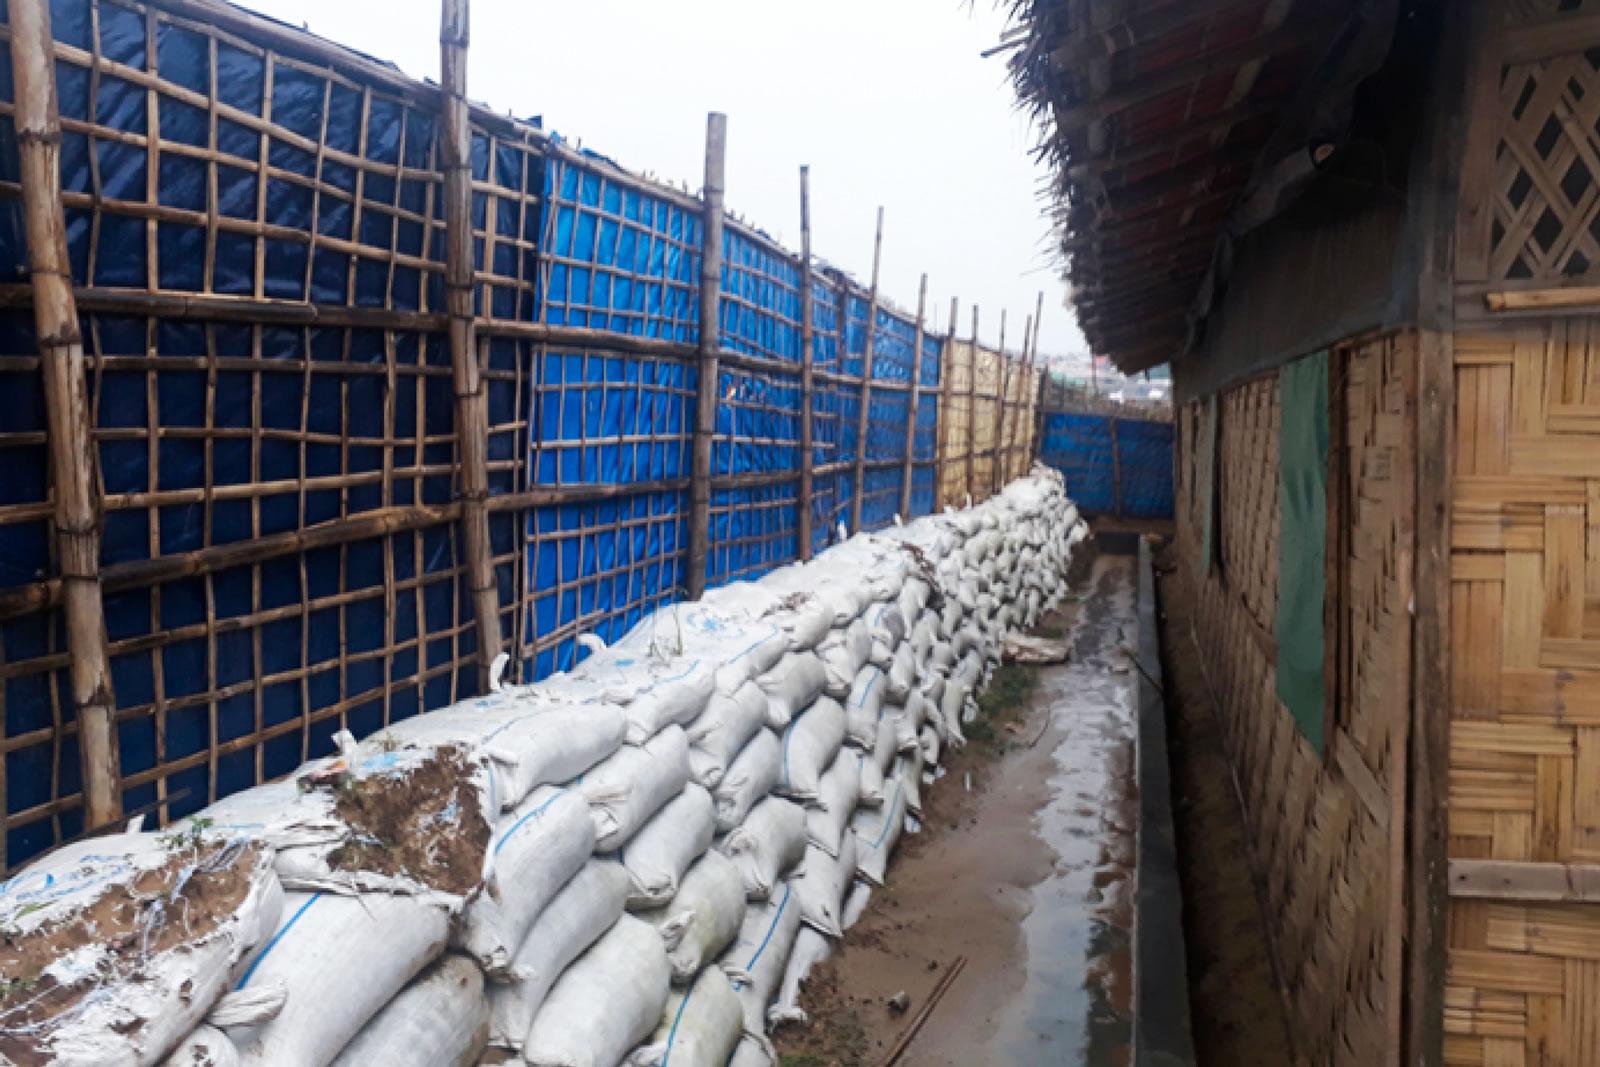 就像營區其他設施一樣,我們的醫療設施裡也用沙包來加固外牆,抵禦洪水和土石流。